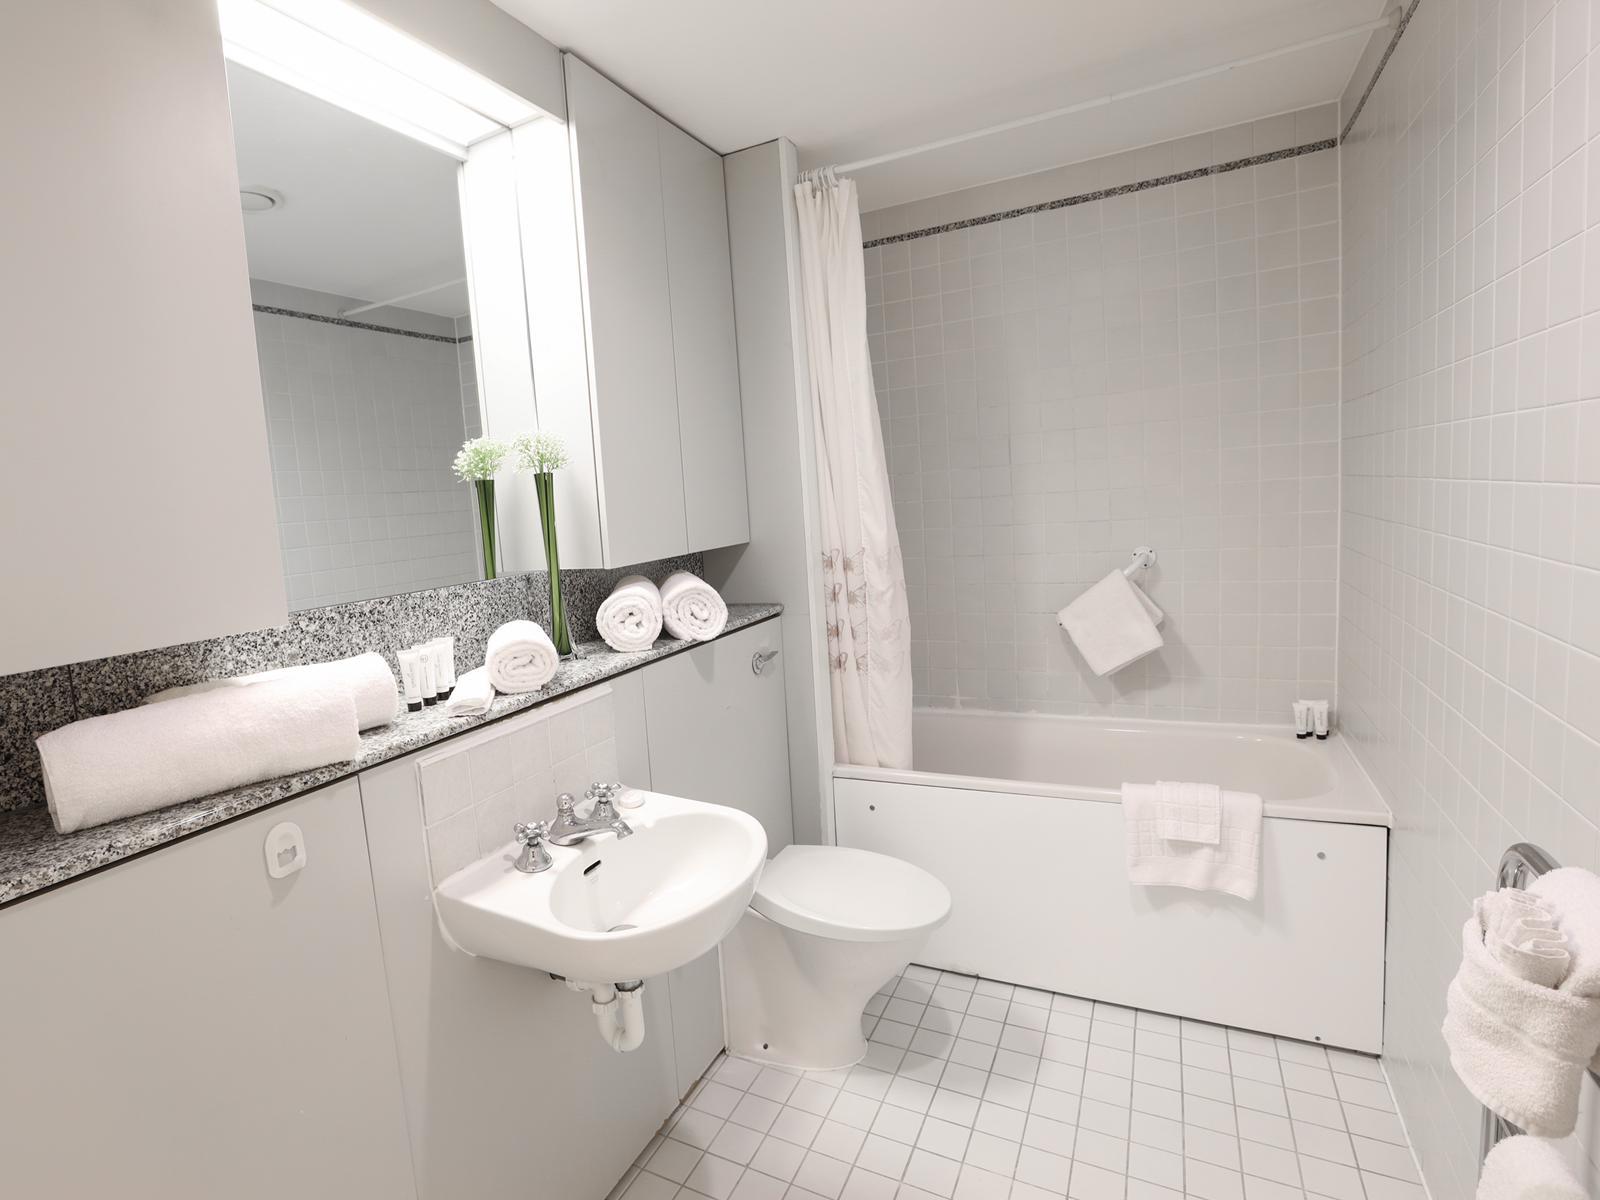 Toilet at 116 Point West Apartments, South Kensington, London